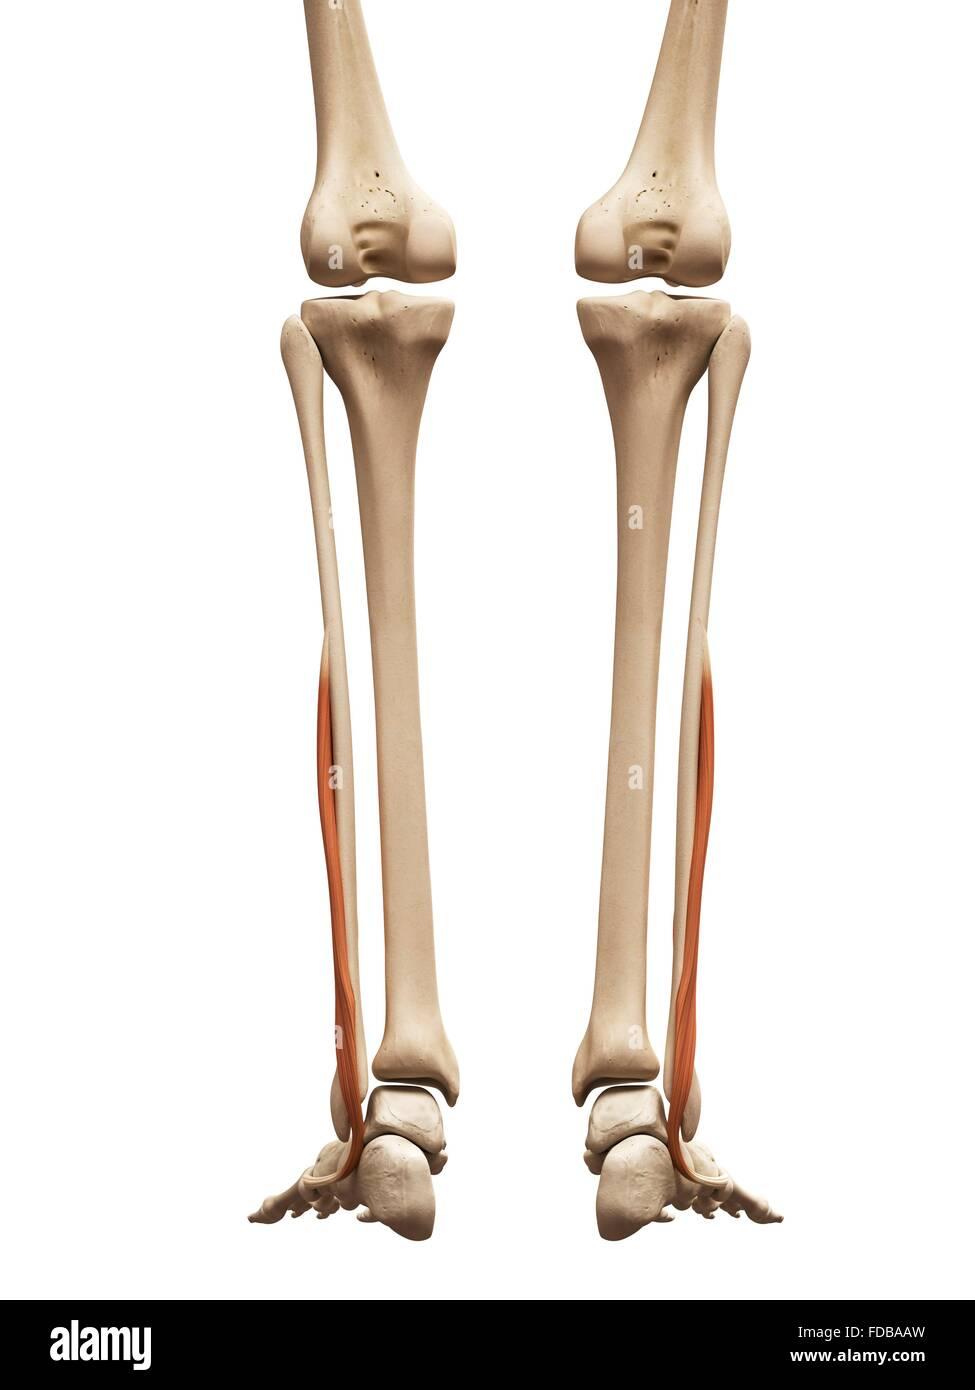 Berühmt Linke Beinmuskeln Ideen - Anatomie Von Menschlichen ...